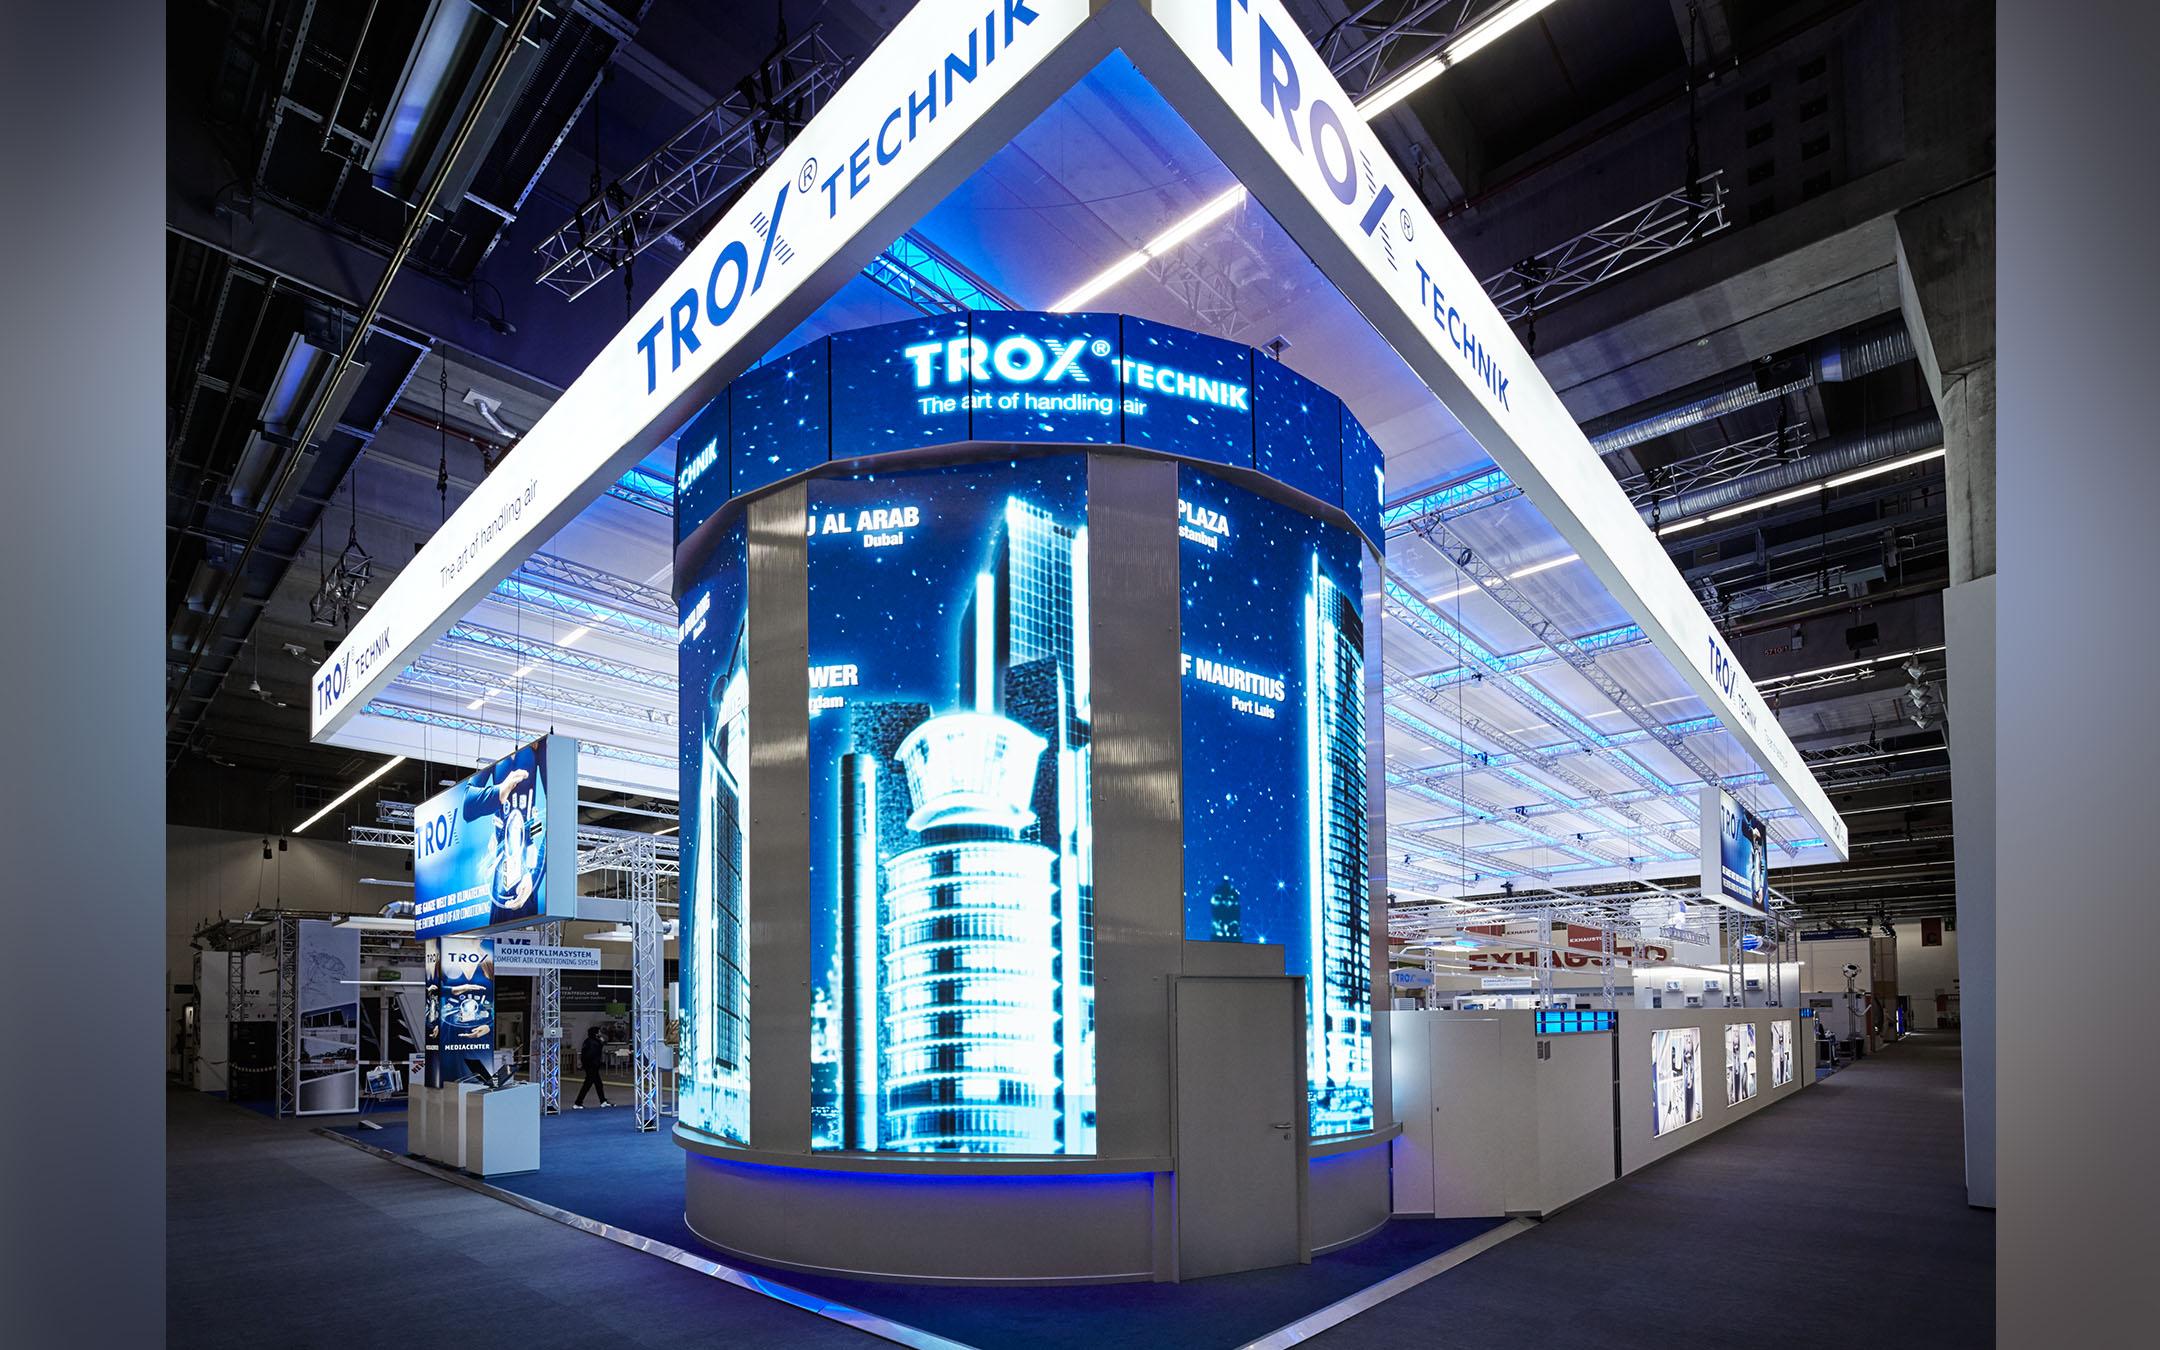 La compañía Trox México -filial de la compañía alemana- instalará la primera de sus plantas en el parque industrial Vesta Park Puebla. (Foto Prensa Libre: Trox)